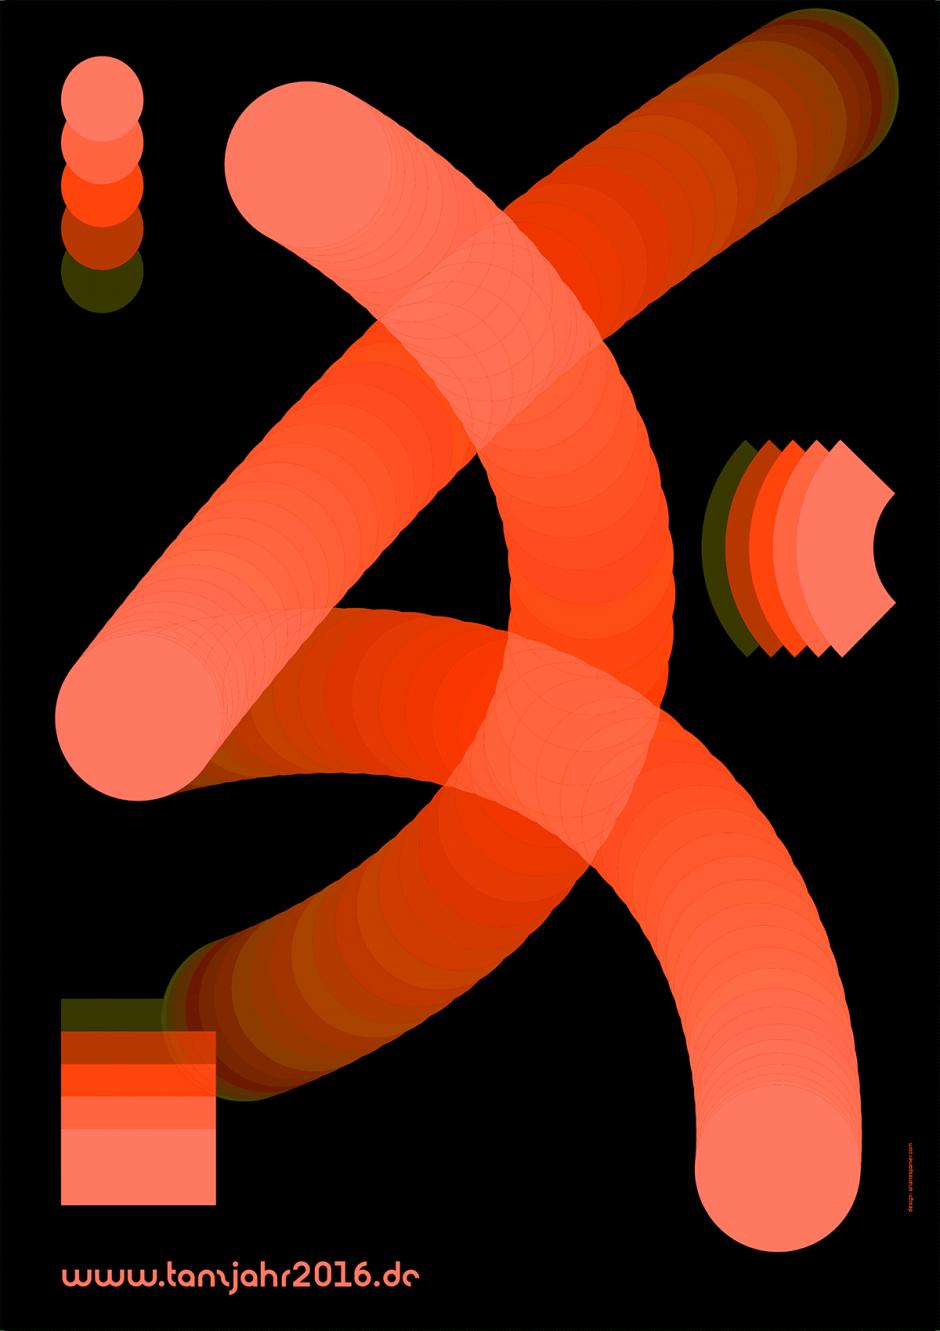 Tanzjahr Deutschland 2016 – Ariane Spanier